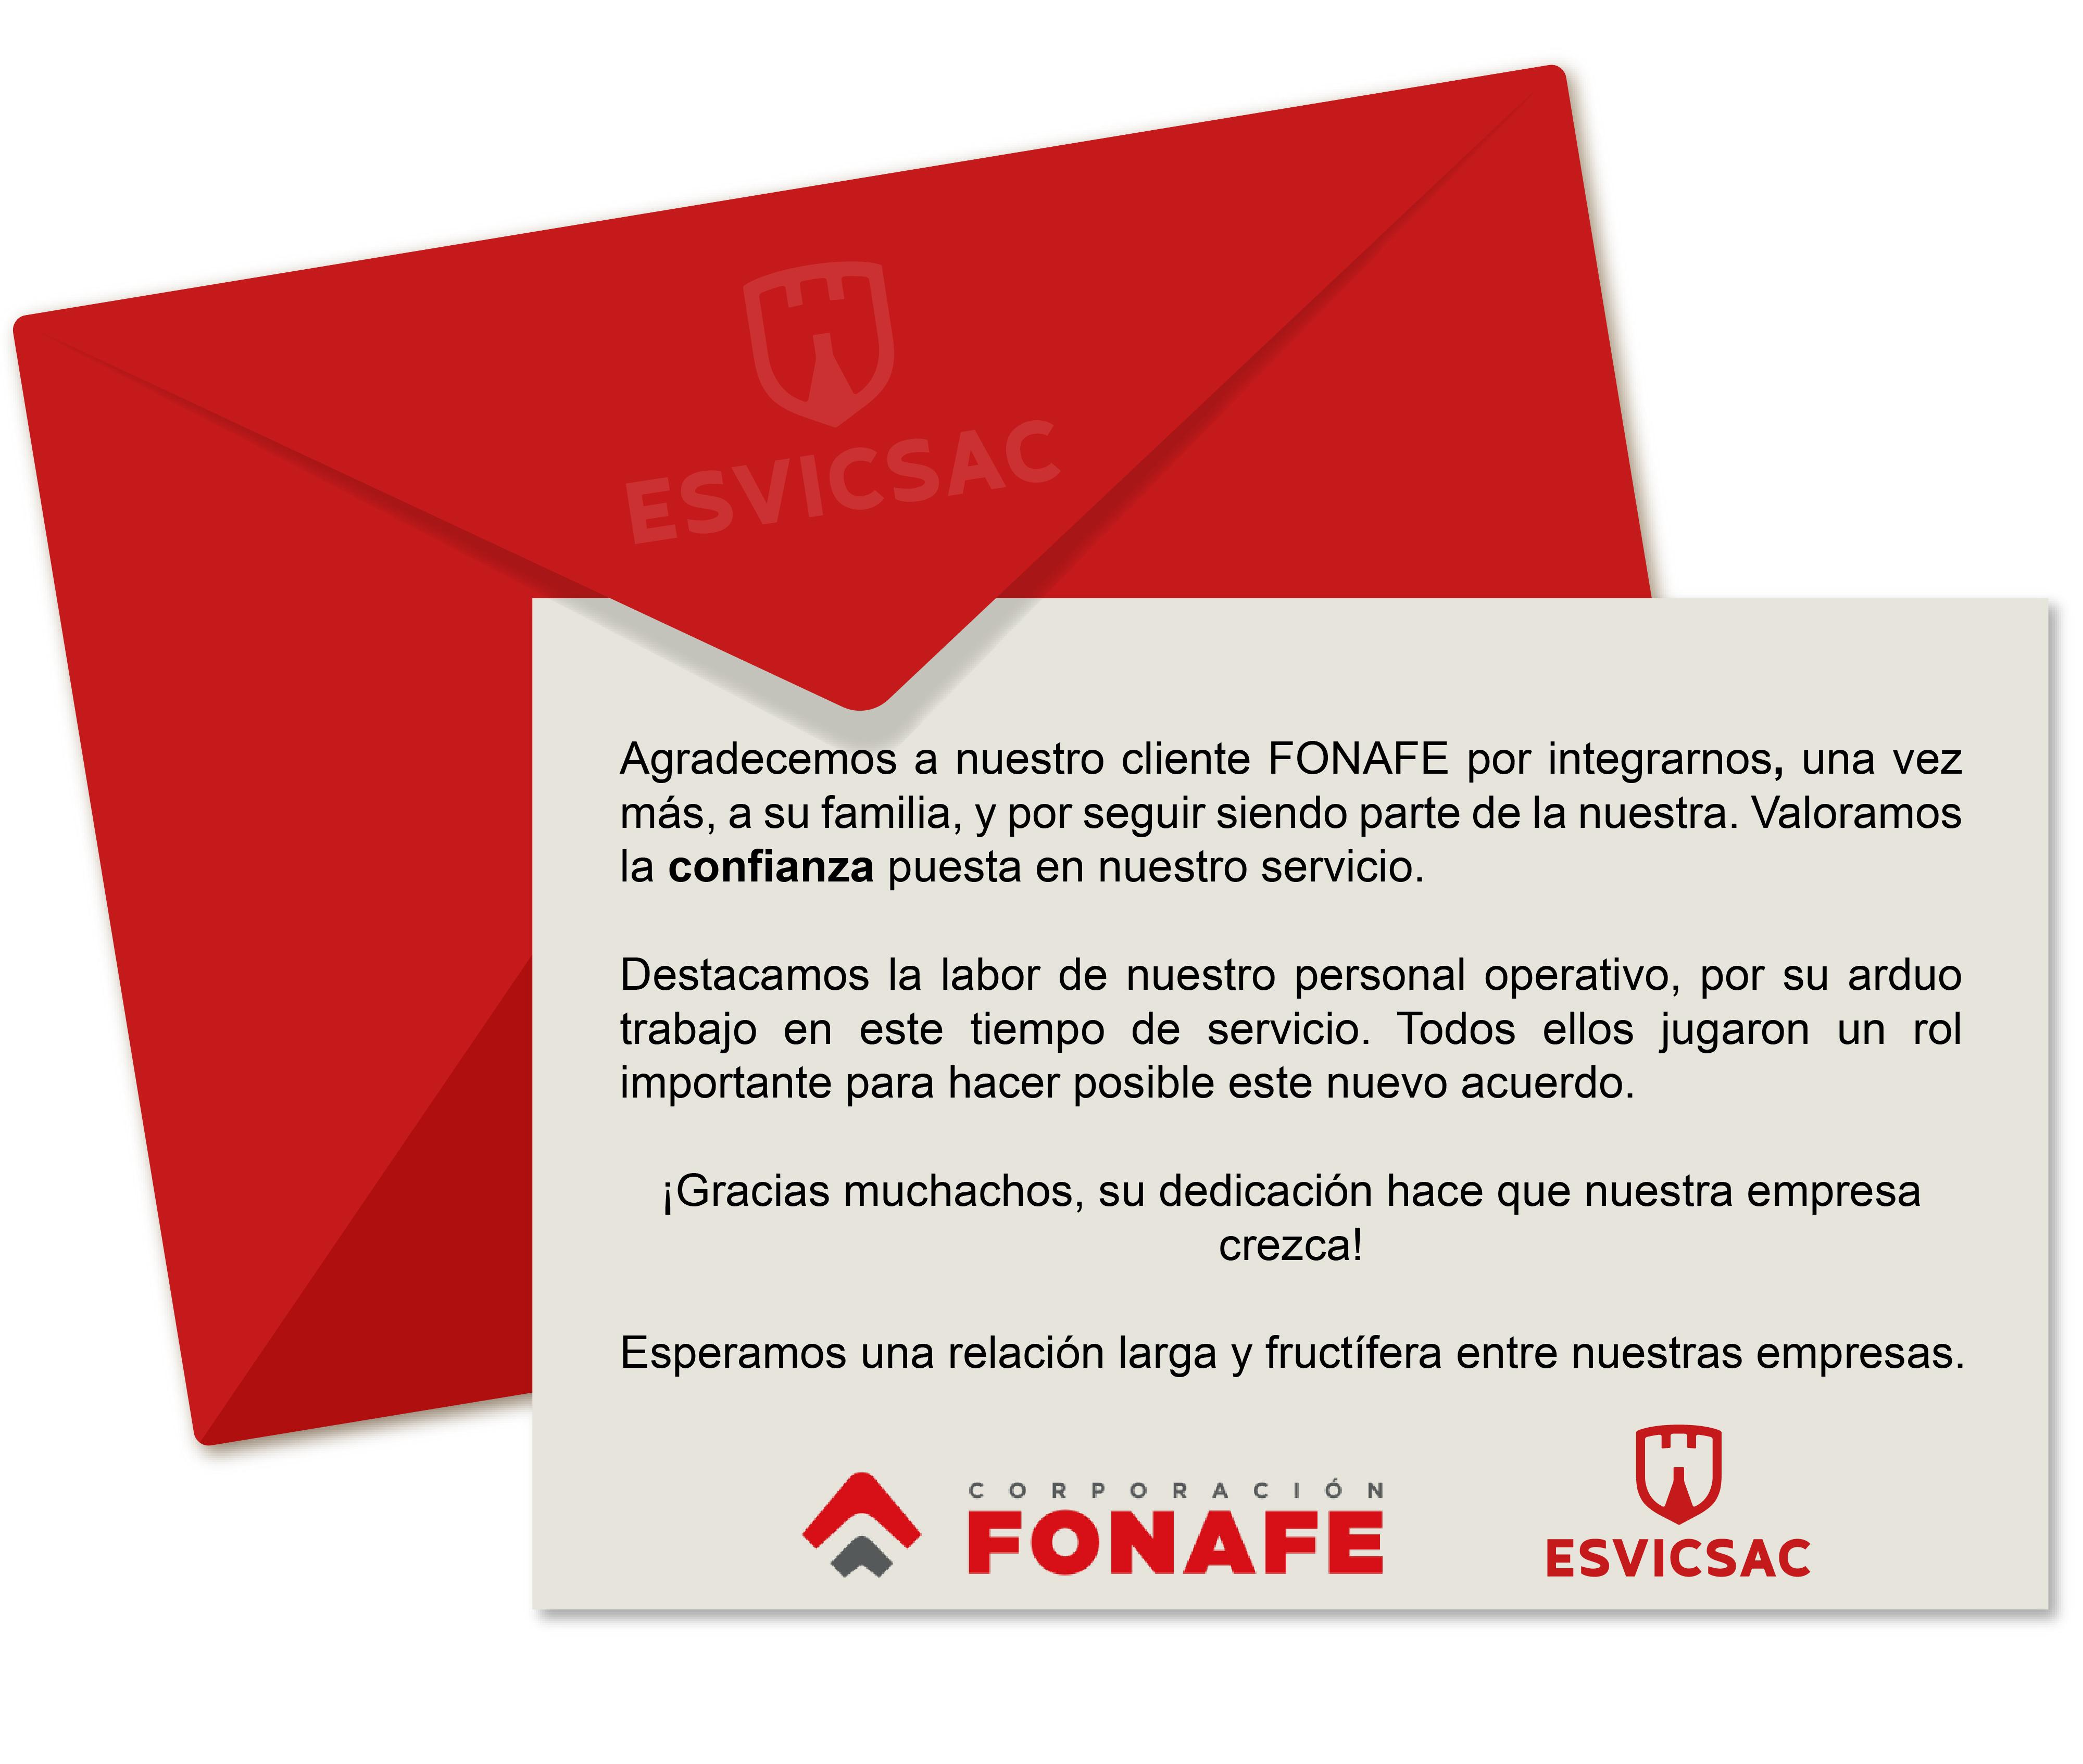 ESVICSAC Recibe Diploma De Honor De ESSALUD – ESVICSAC